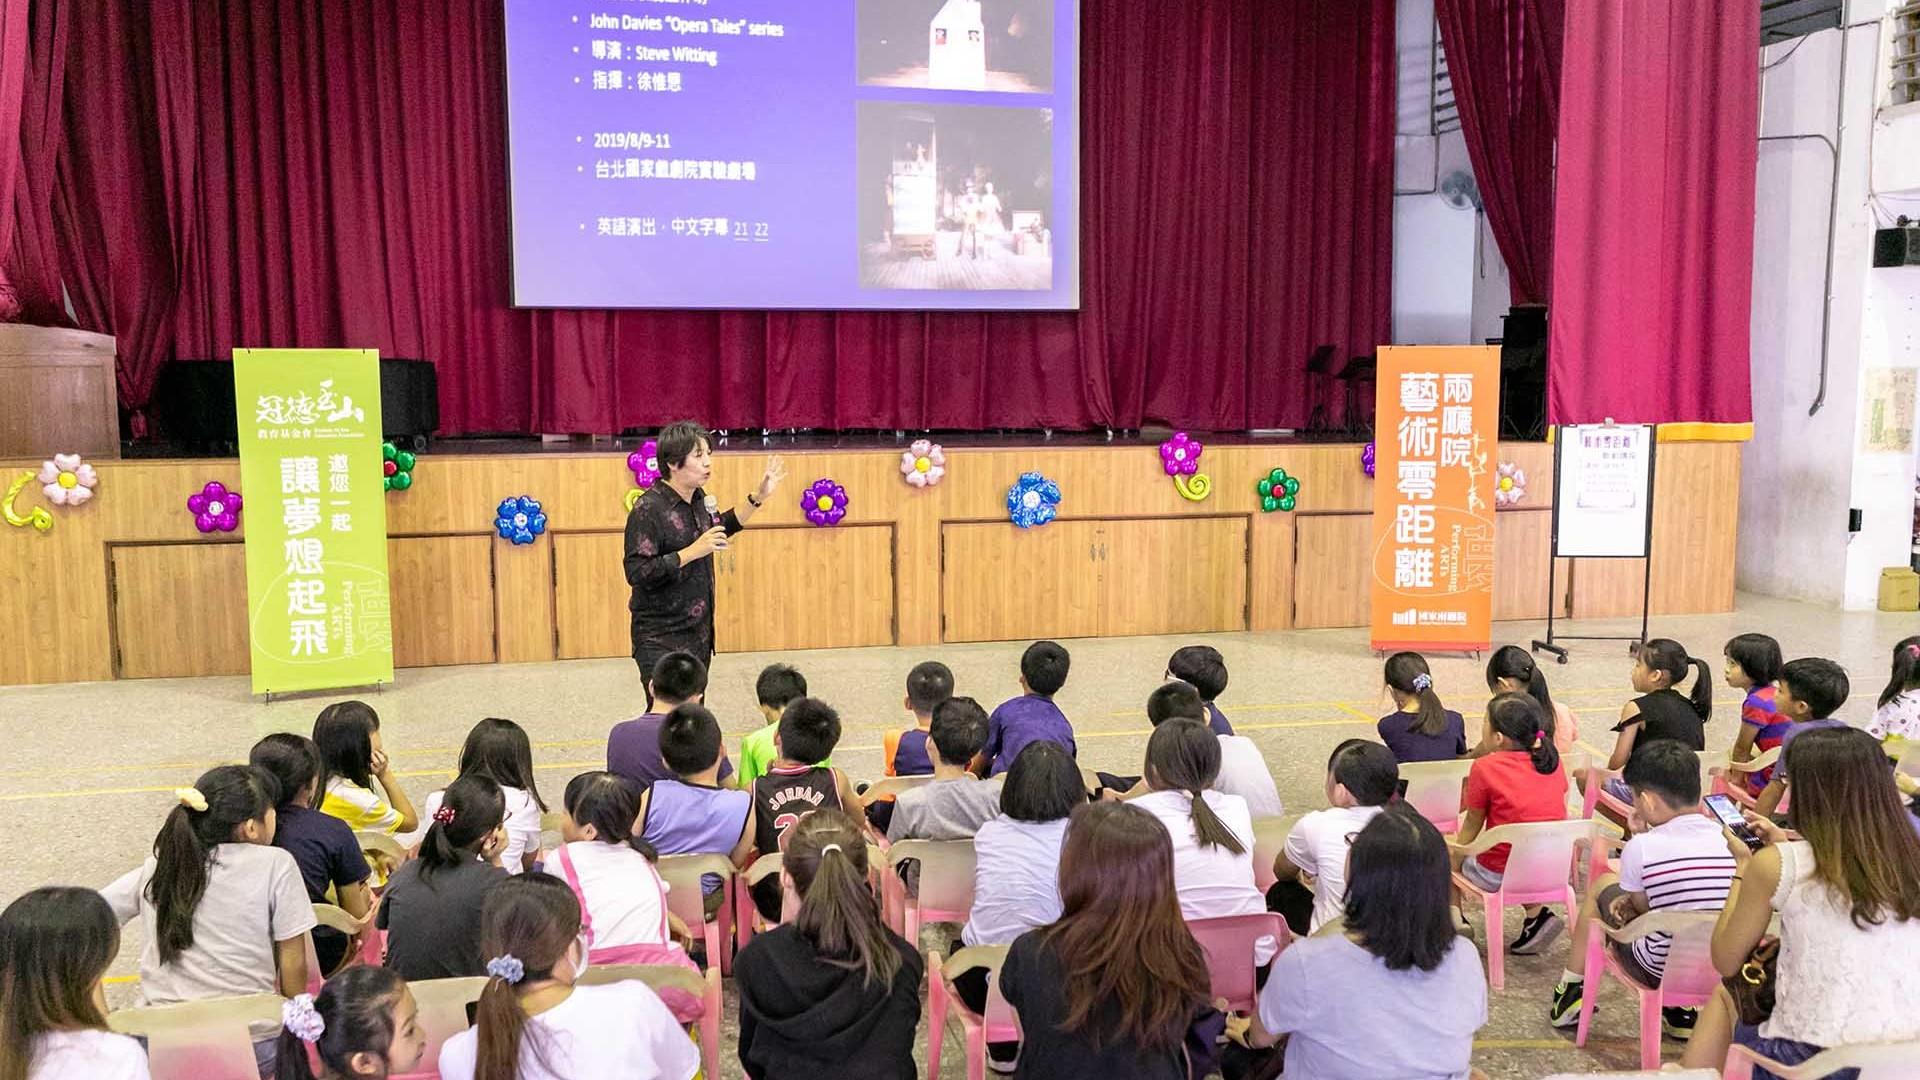 兩廳院「藝術零距離」著重深化教育,看表演前先到學校帶孩子們認識歌劇。